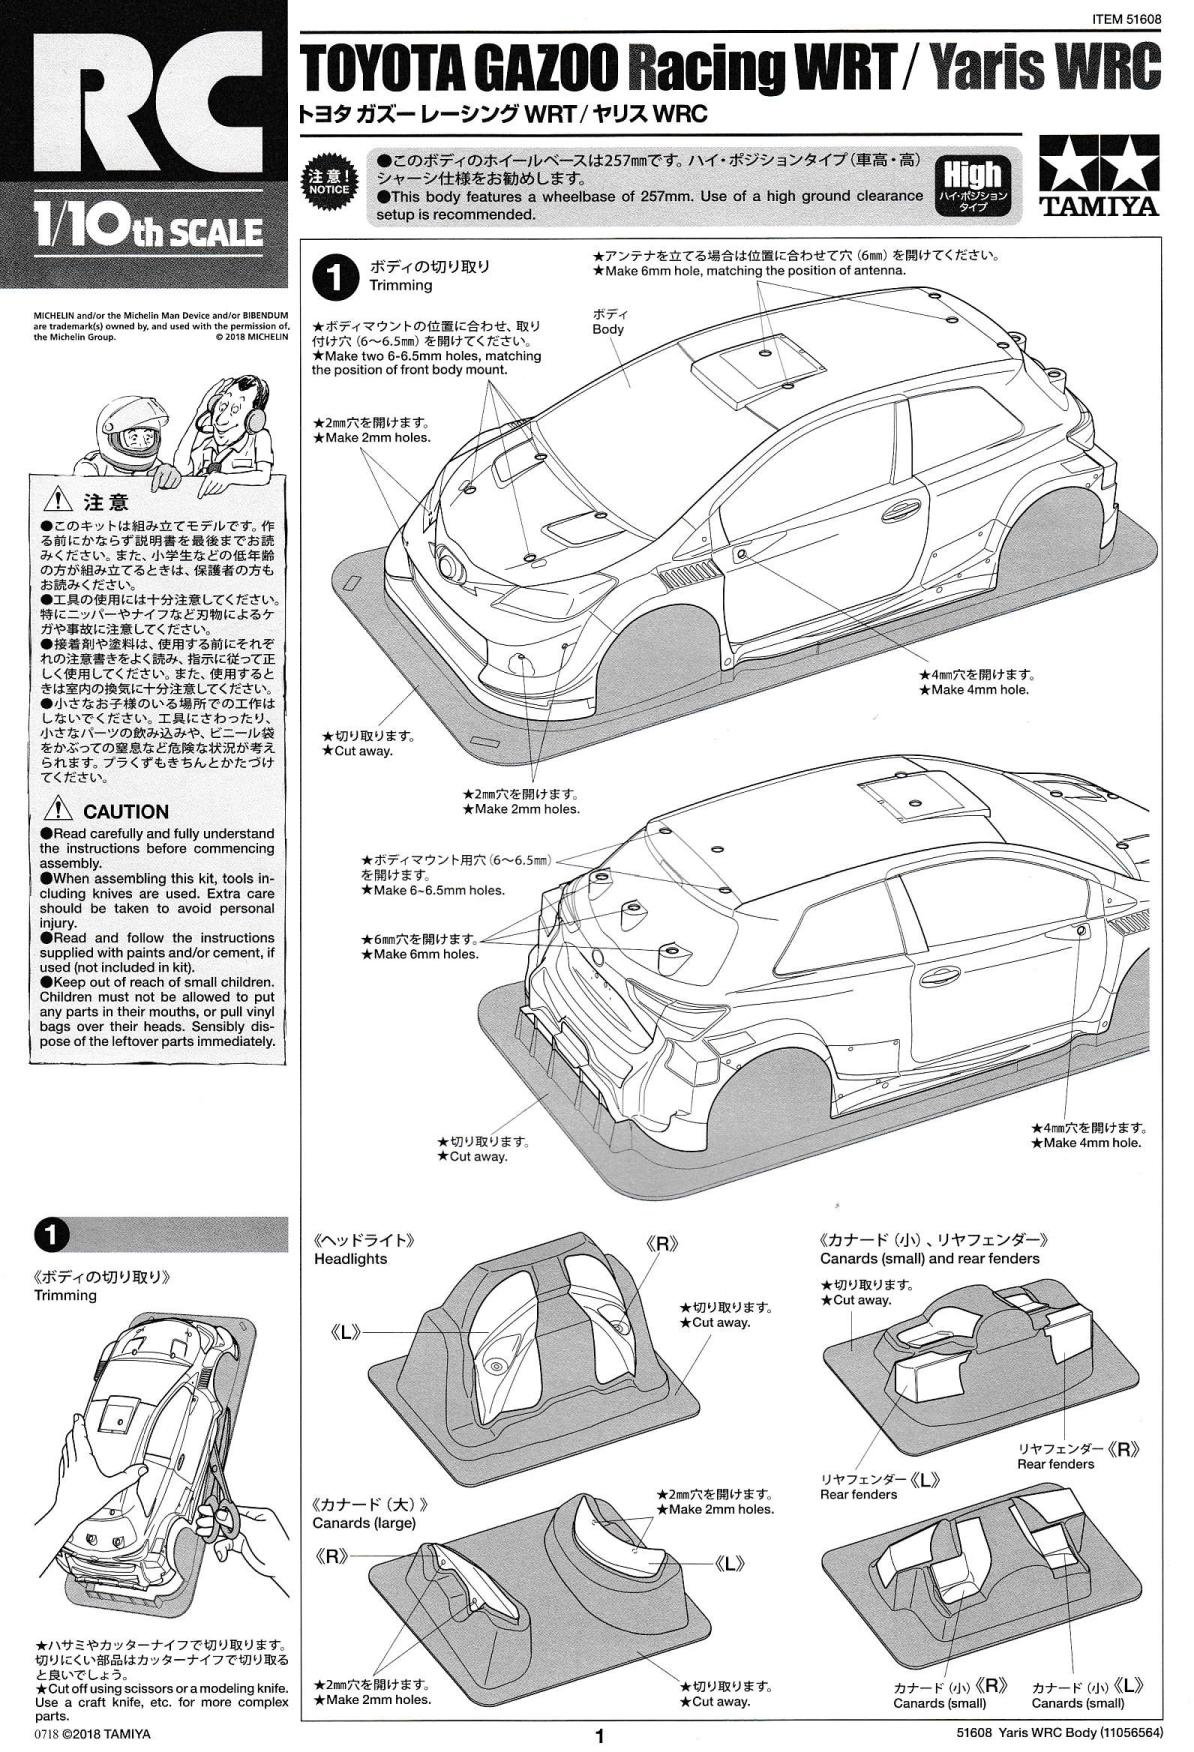 Tamiya 58659 1/10 RC Toyota Gazoo WRT / Yaris WRC TT-02